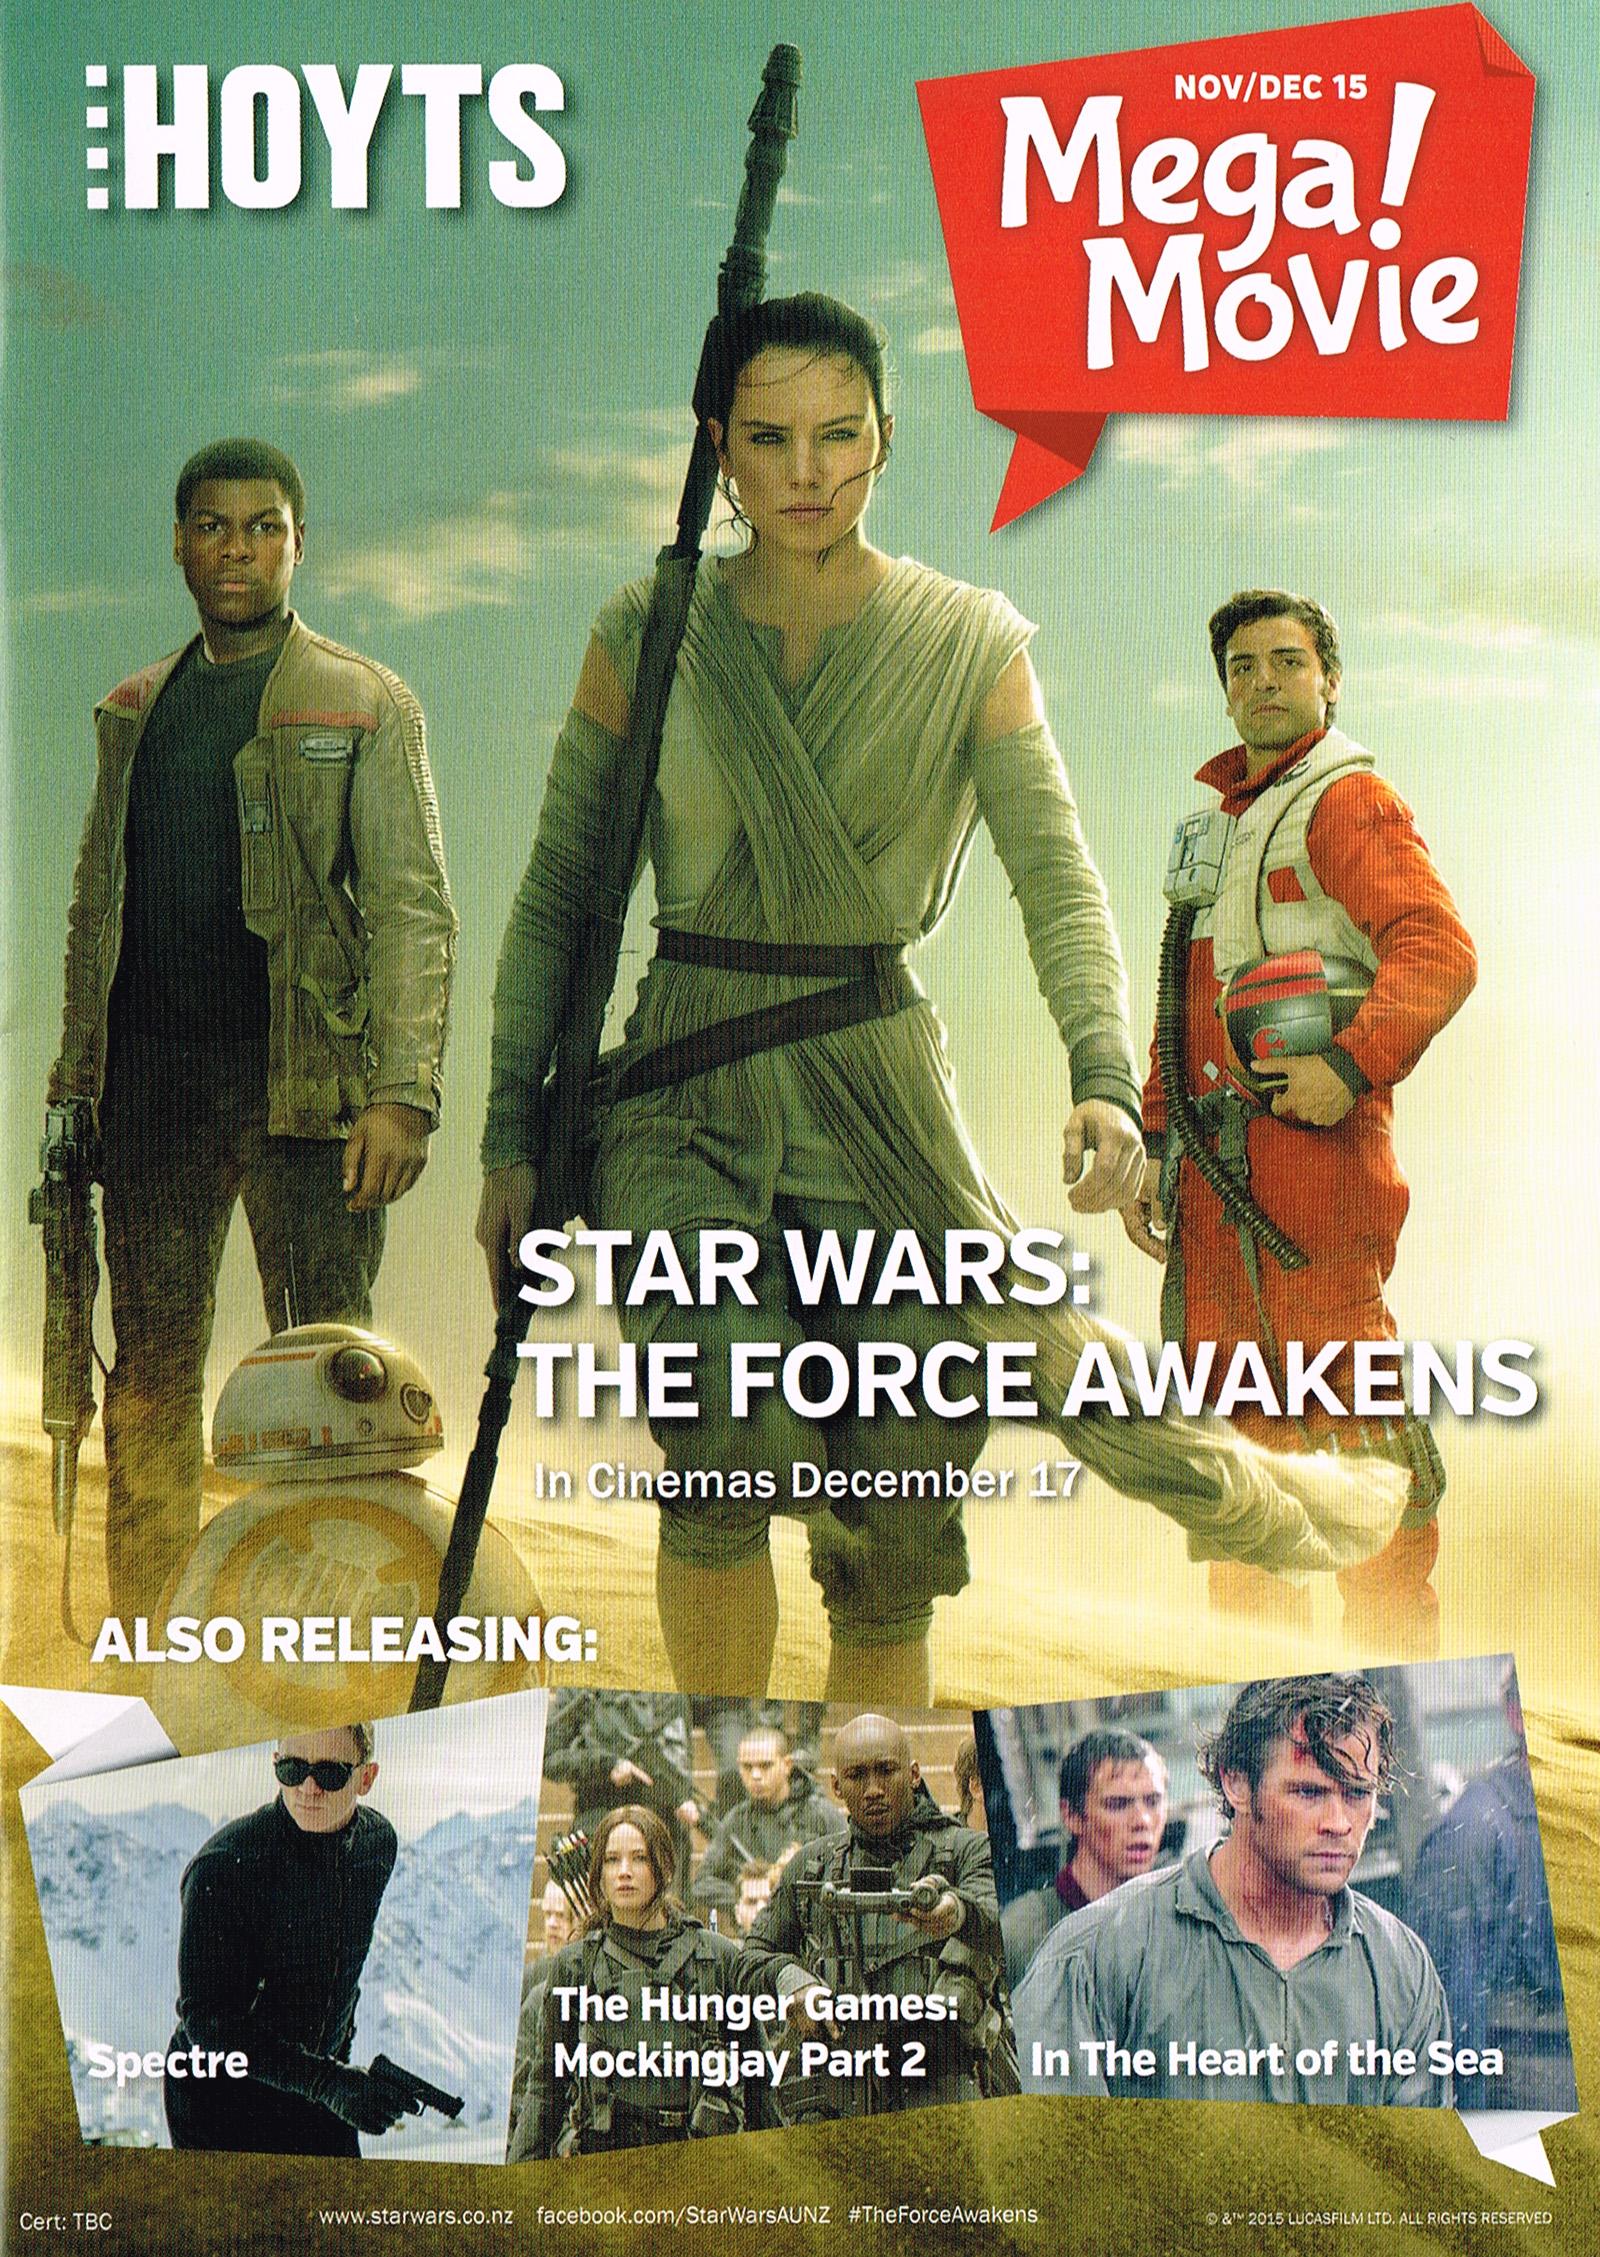 The Force Awakens, 17 December 2015